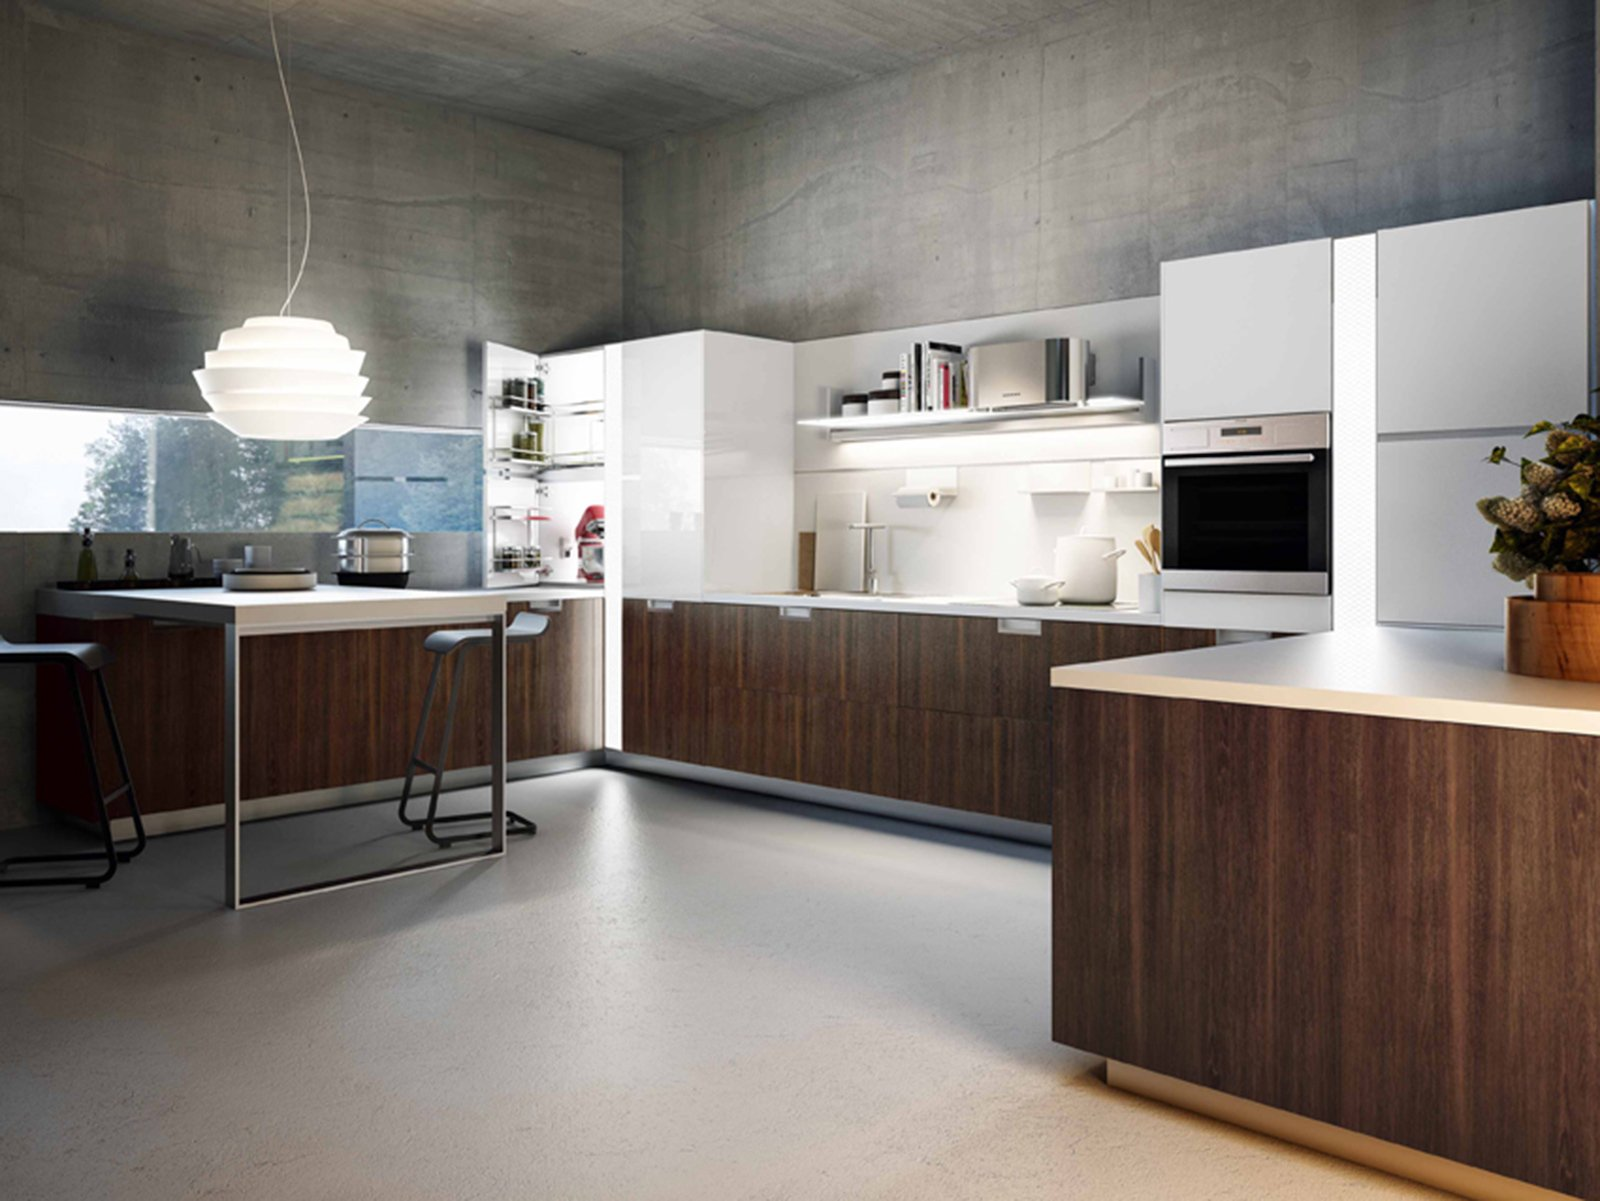 Illuminazione Piano Lavoro Cucina cucina: tante soluzioni per illuminarla. modelli con luci